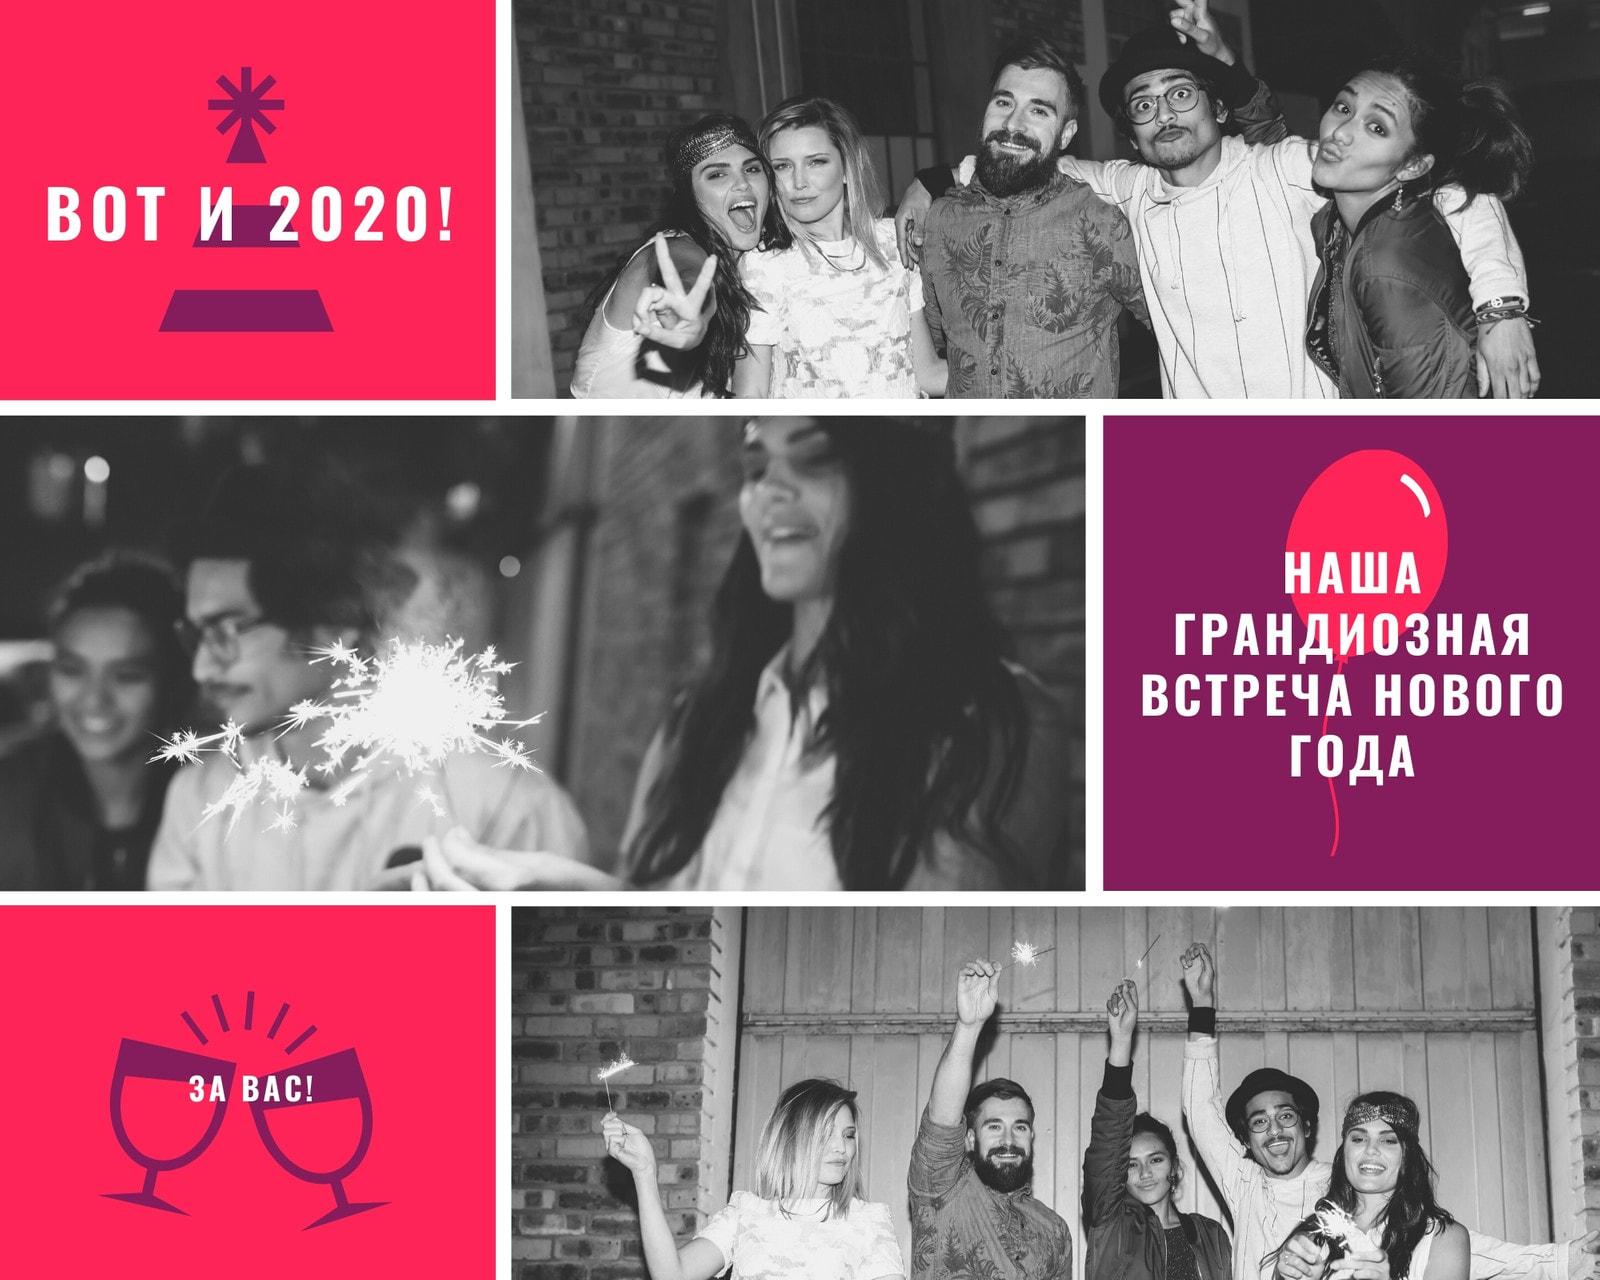 Вечеринка друзей Новый год Фото Коллаж